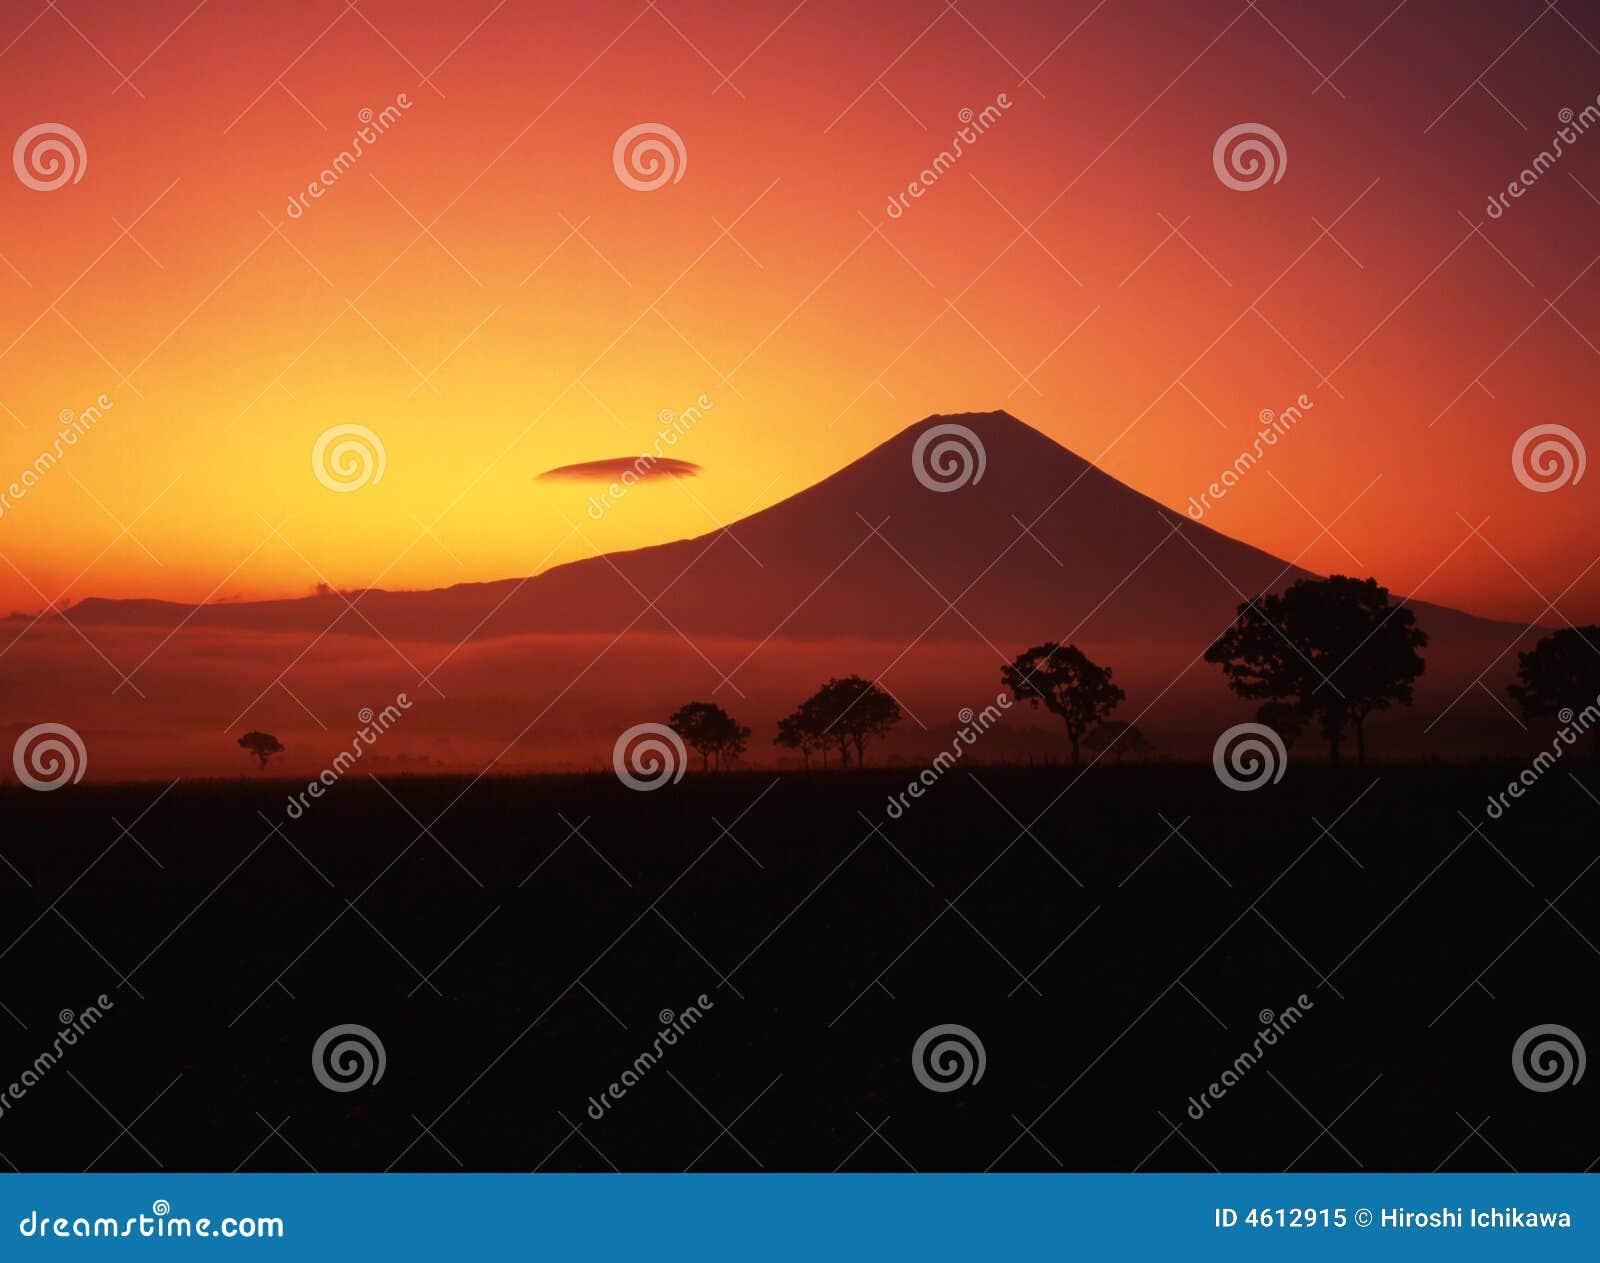 Fuji 426 mt